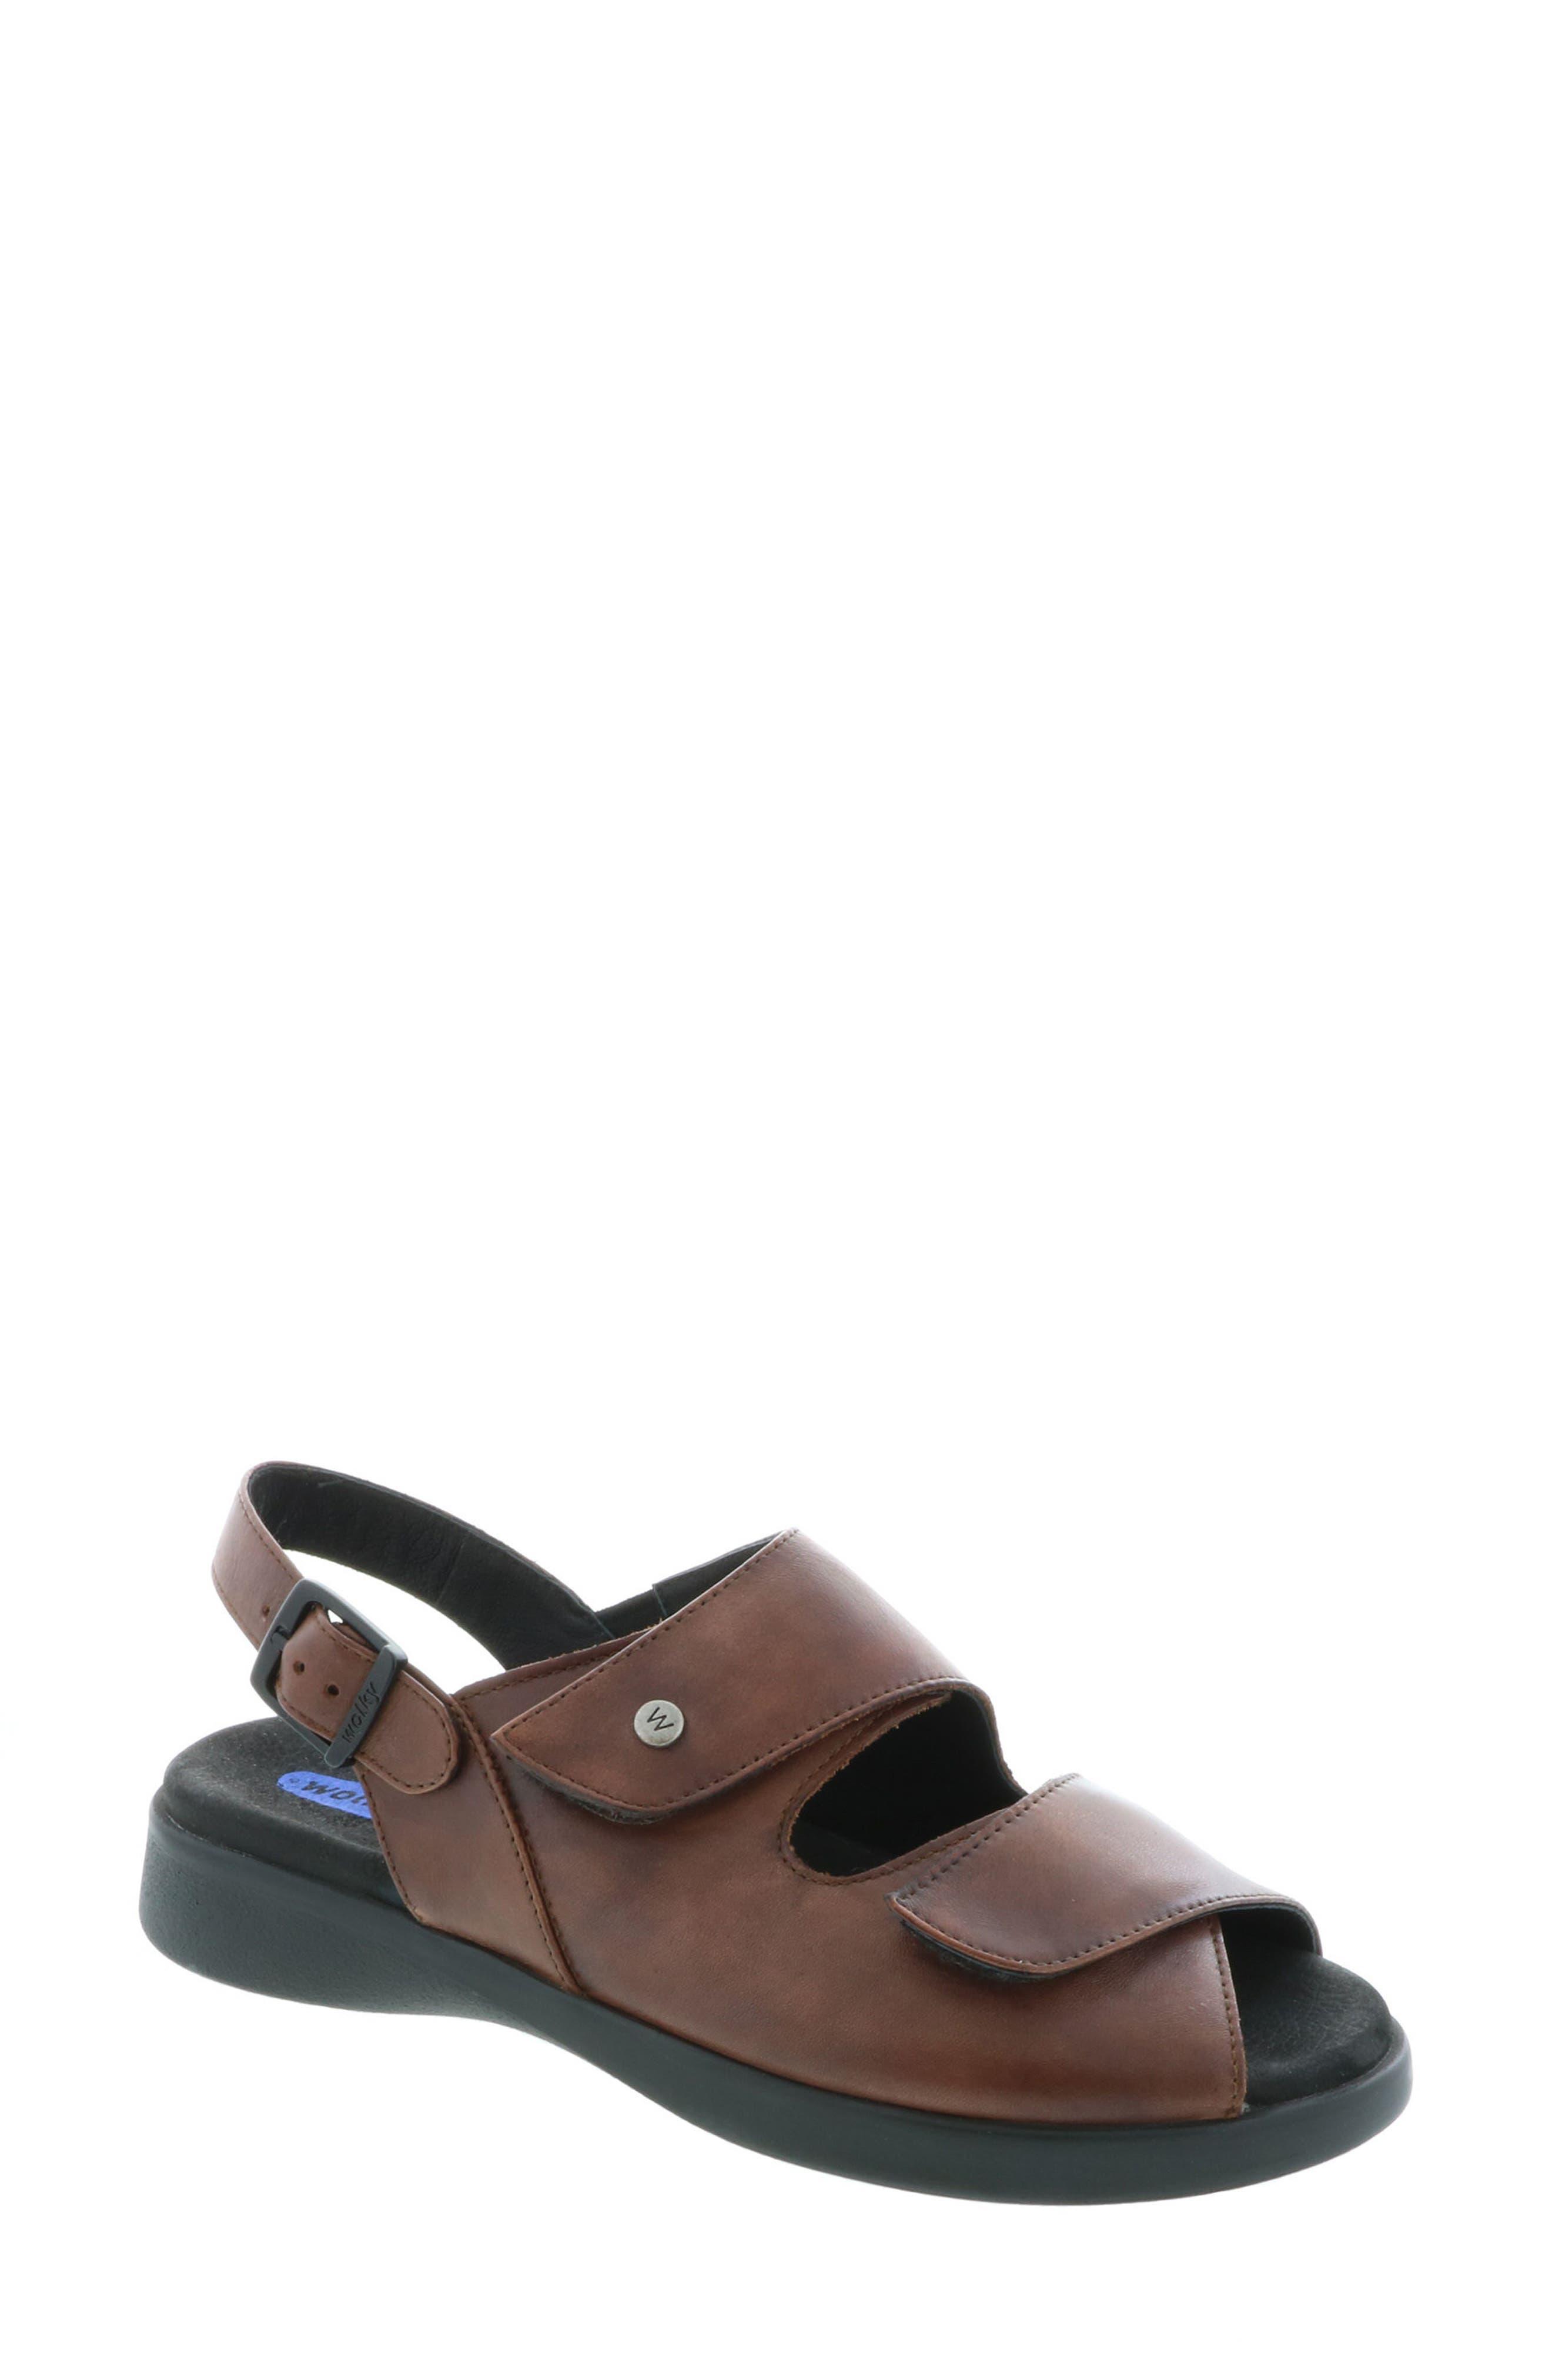 Nimes Sandal,                             Main thumbnail 1, color,                             Cognac Faux Leather